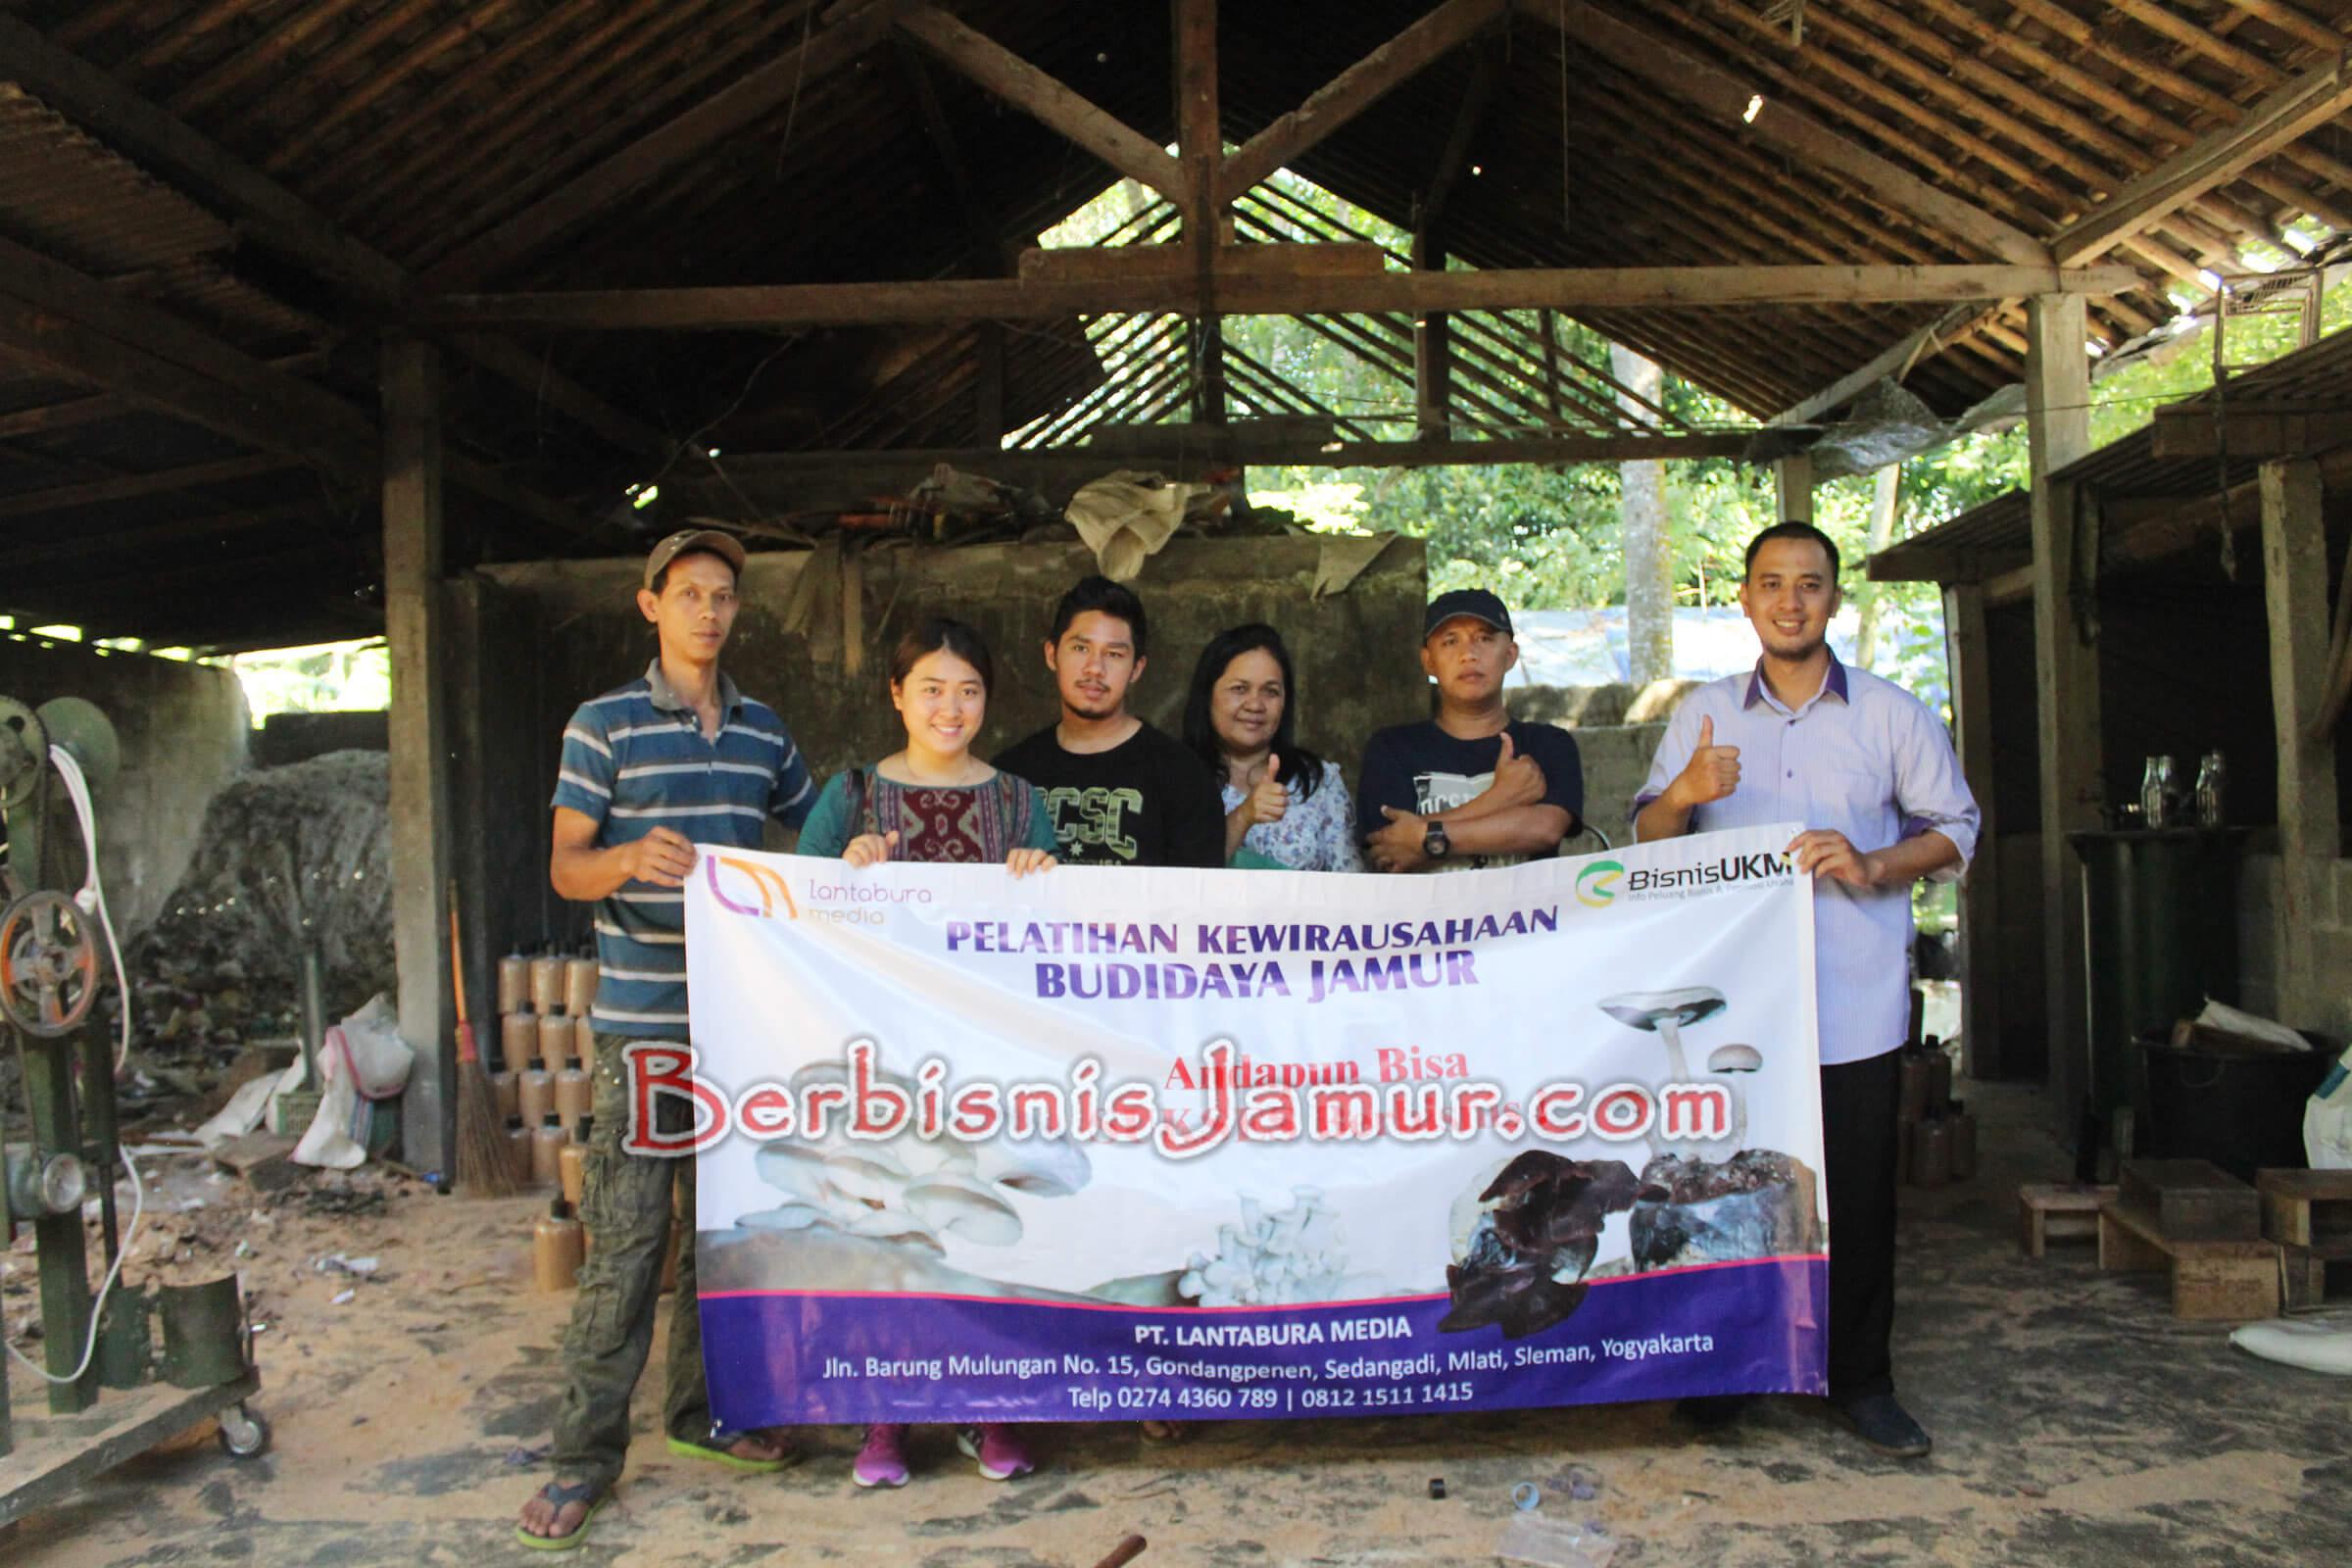 Foto pemateri dan peserta pelatihan budidaya jamur tiram angkatan ke-50